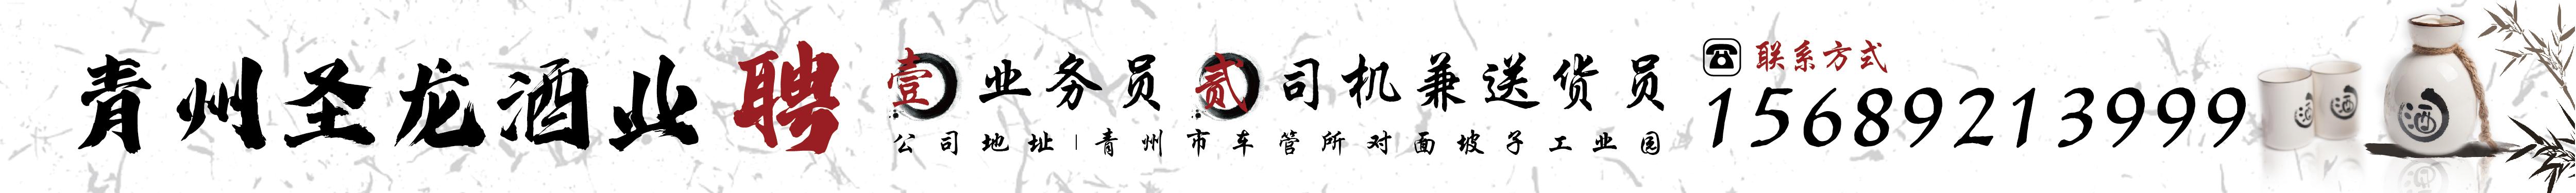 青州圣龍酒業